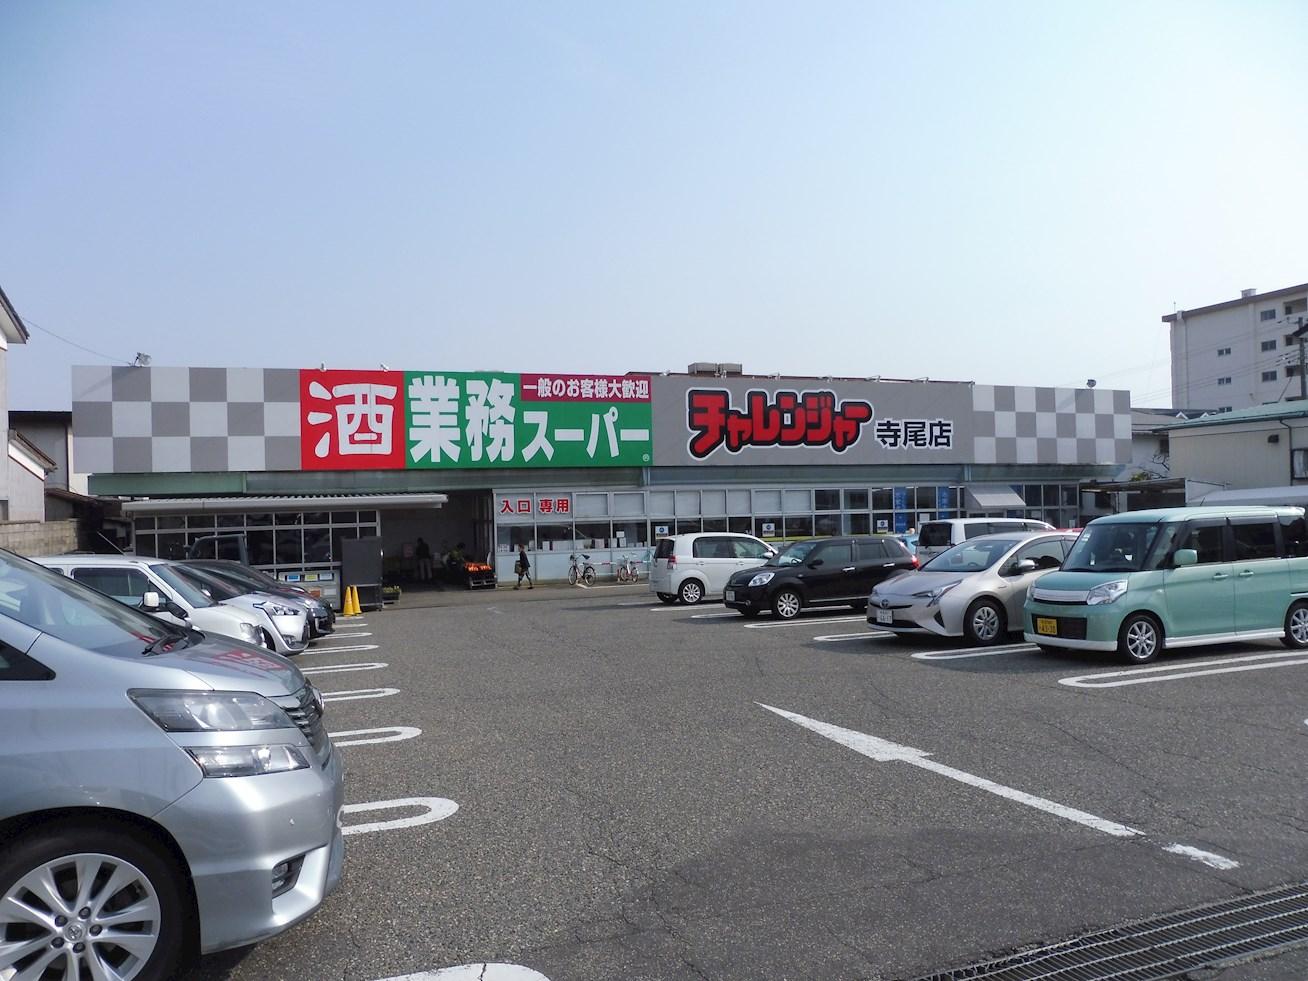 スーパー:チャレンジャー 寺尾店 1138m